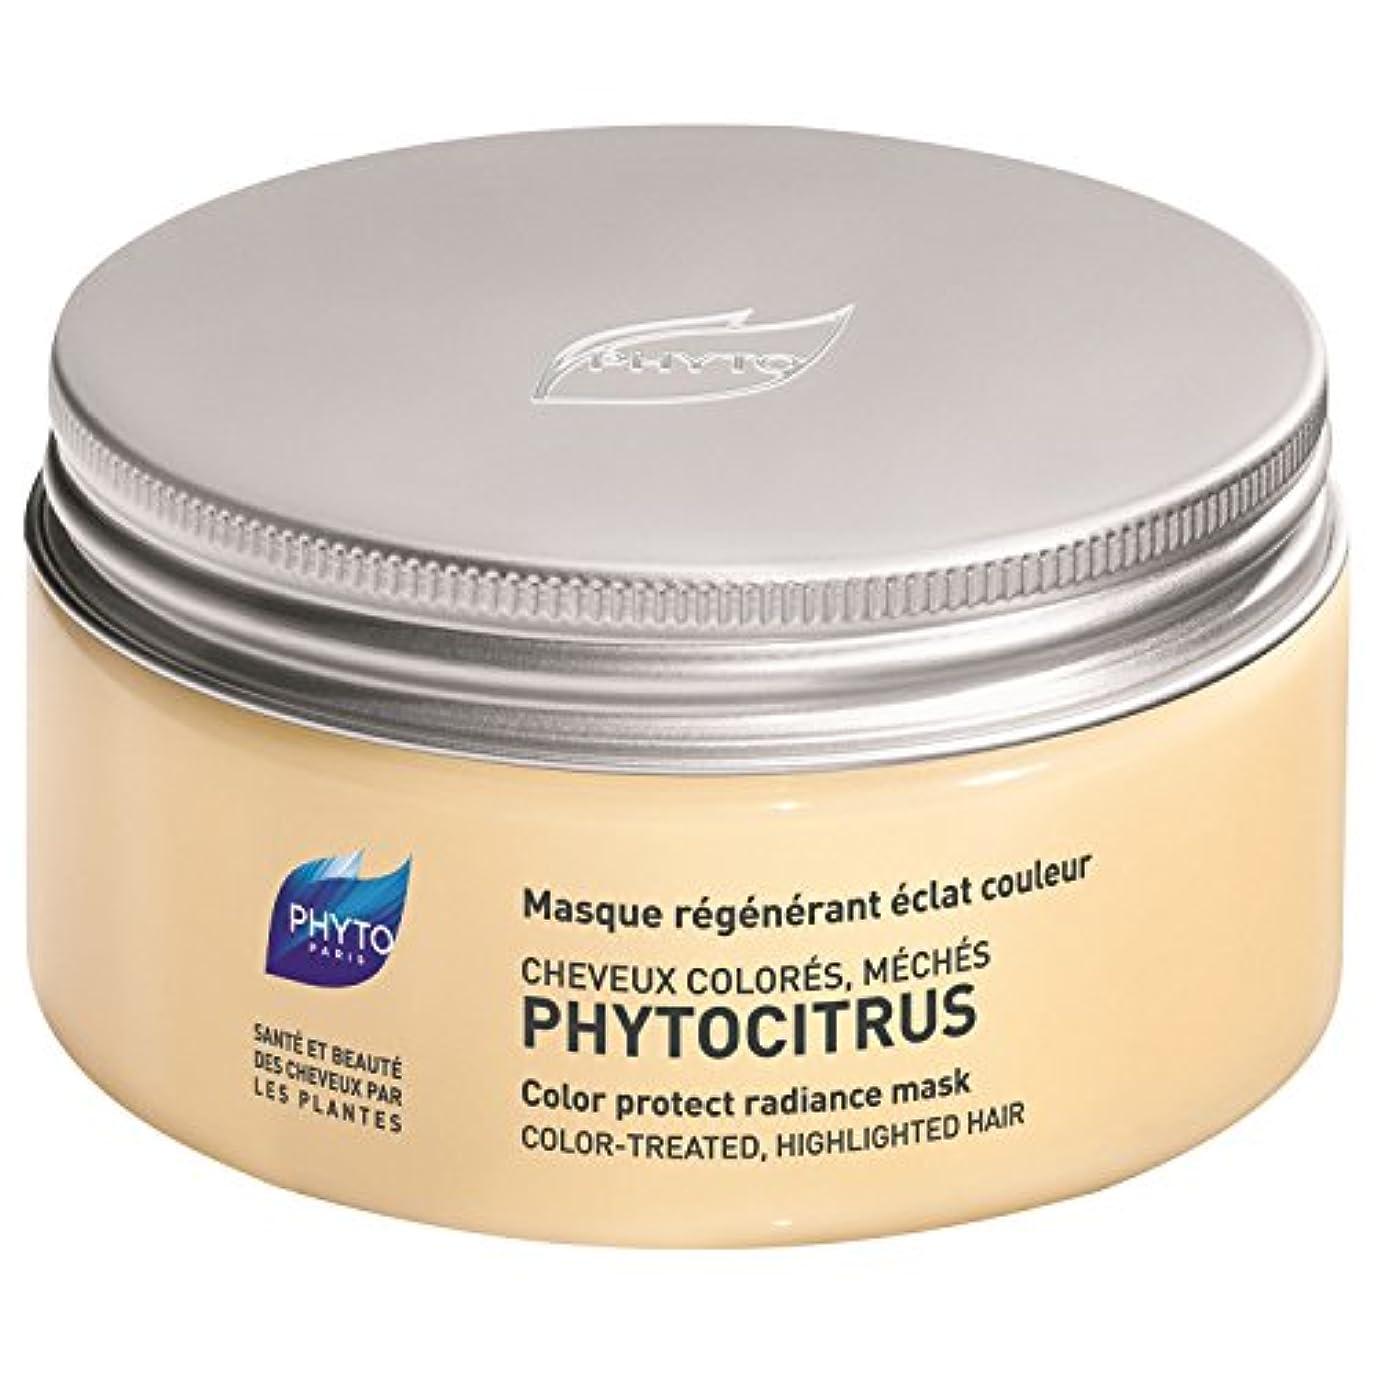 からかうレーニン主義アンペアフィトPhytocitrus色保護放射輝度マスク200ミリリットル (Phyto) (x6) - Phyto Phytocitrus Colour Protect Radiance Mask 200ml (Pack of...